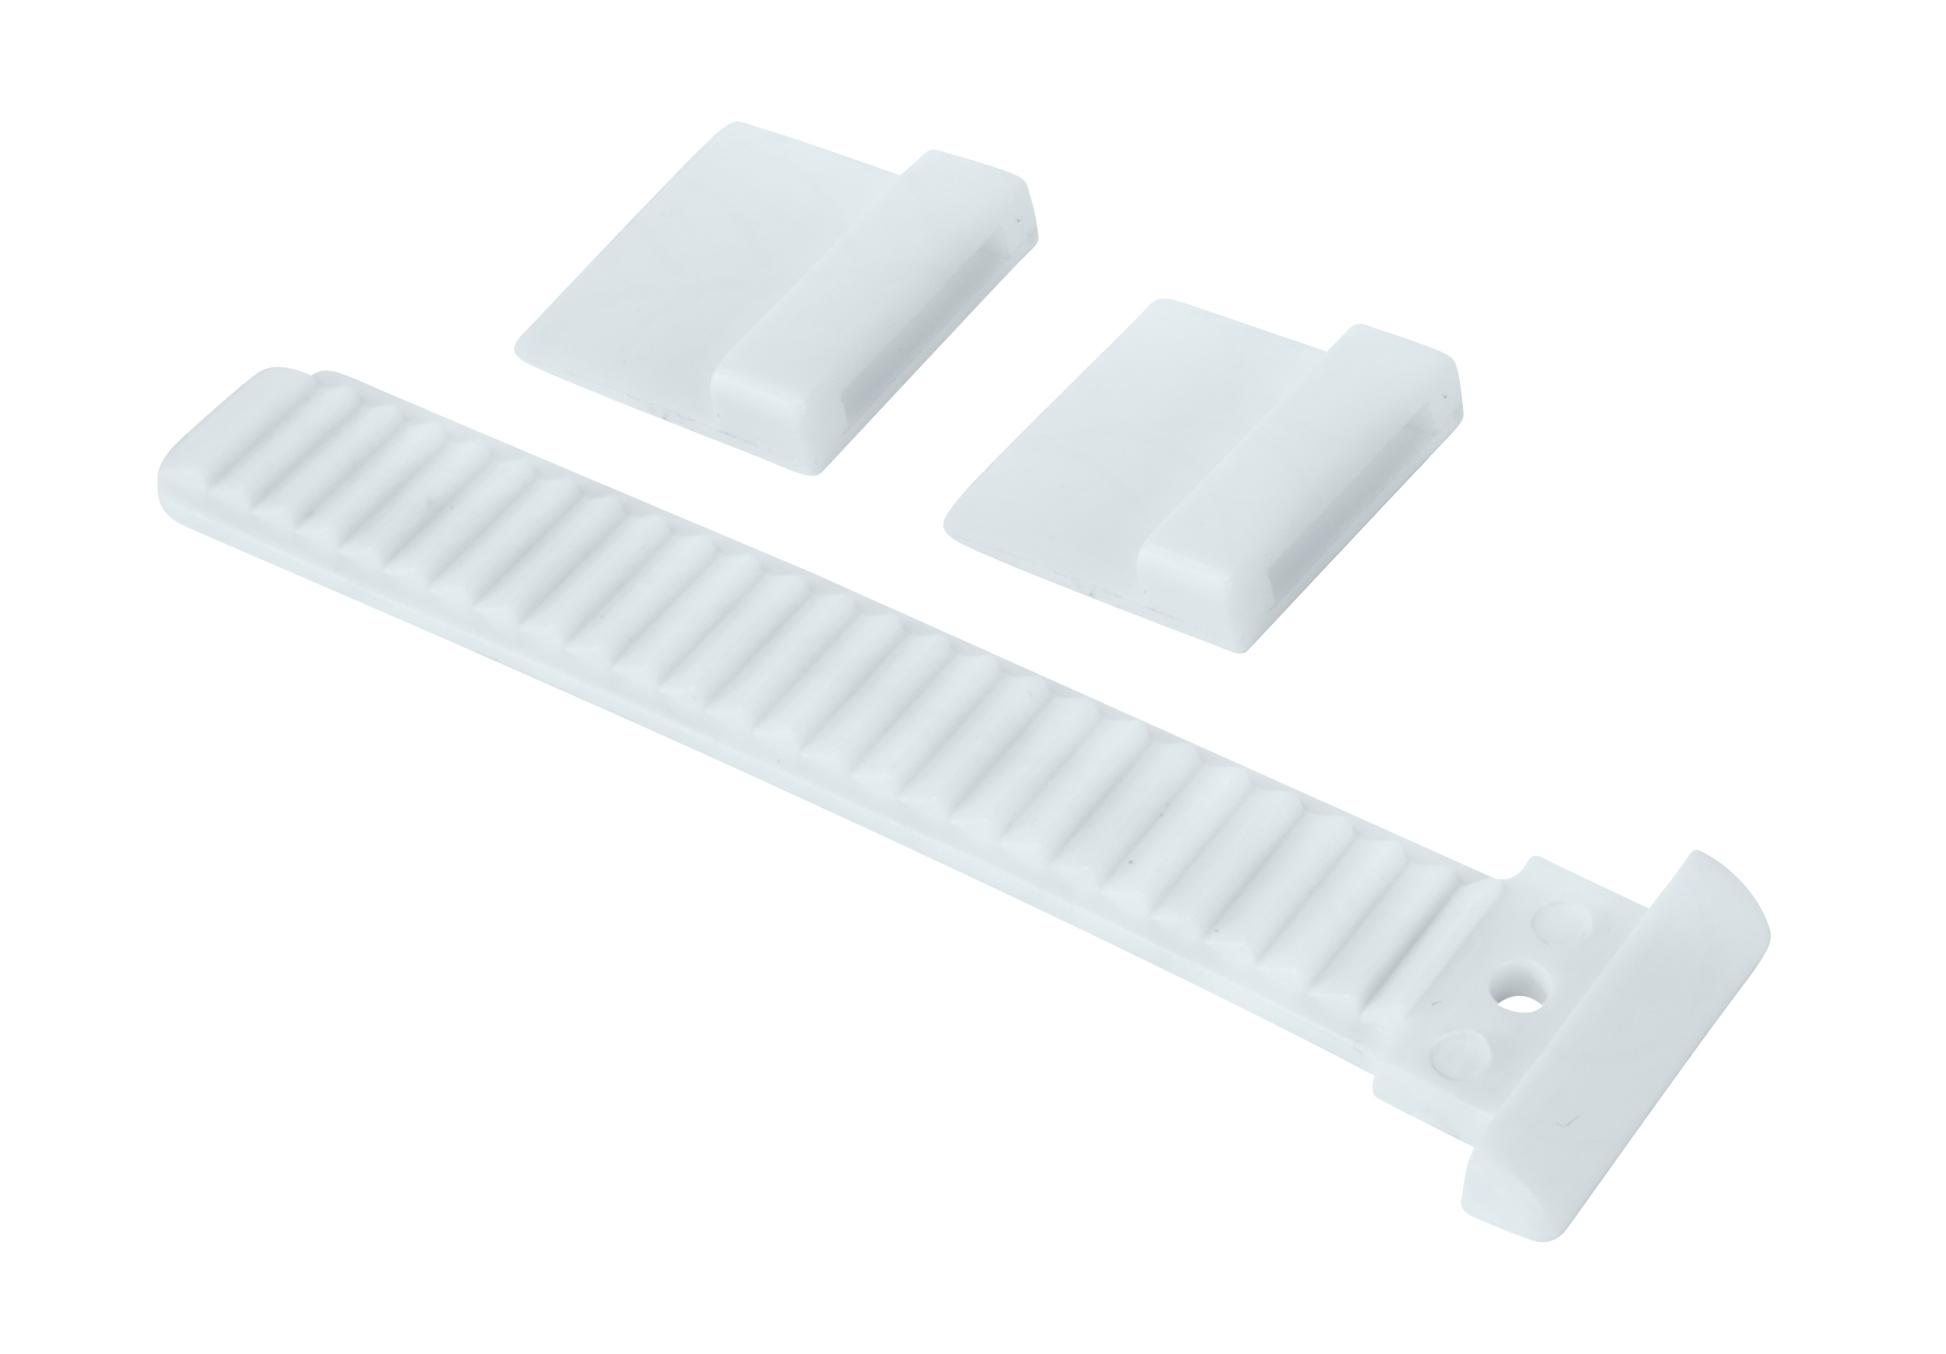 páska náhradní na tretry, bílá